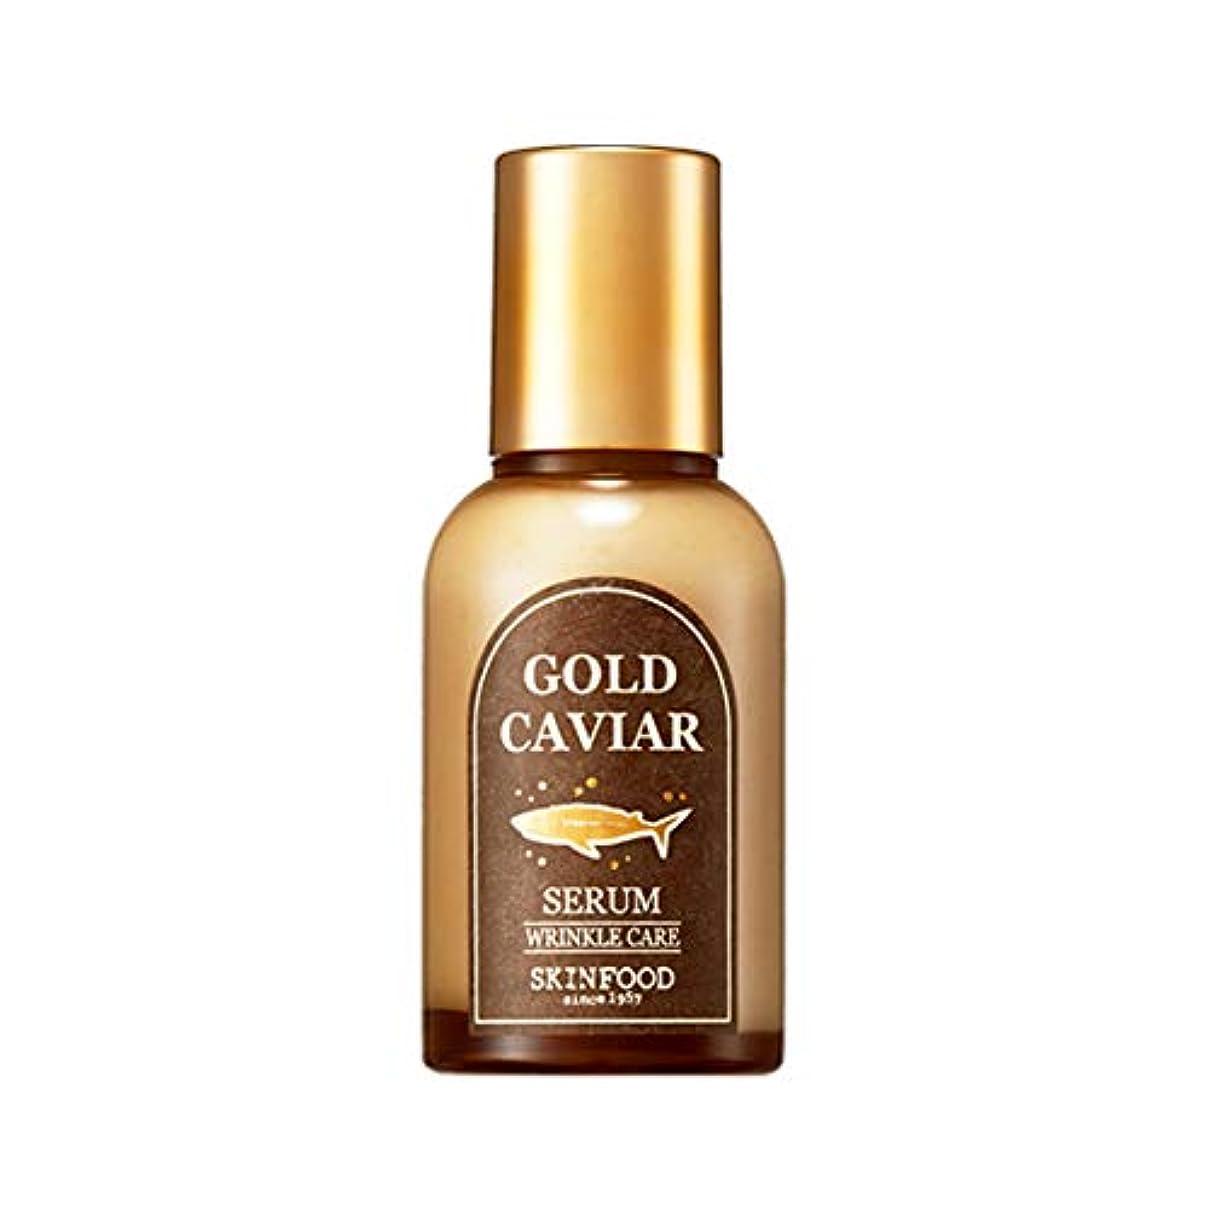 お祝いメジャーのためSkinfood Gold Caviar Serum [Cosmeceutical for wrinkle care] /ゴールドキャビアセラム[しわケア用化粧品]/50ml [並行輸入品]